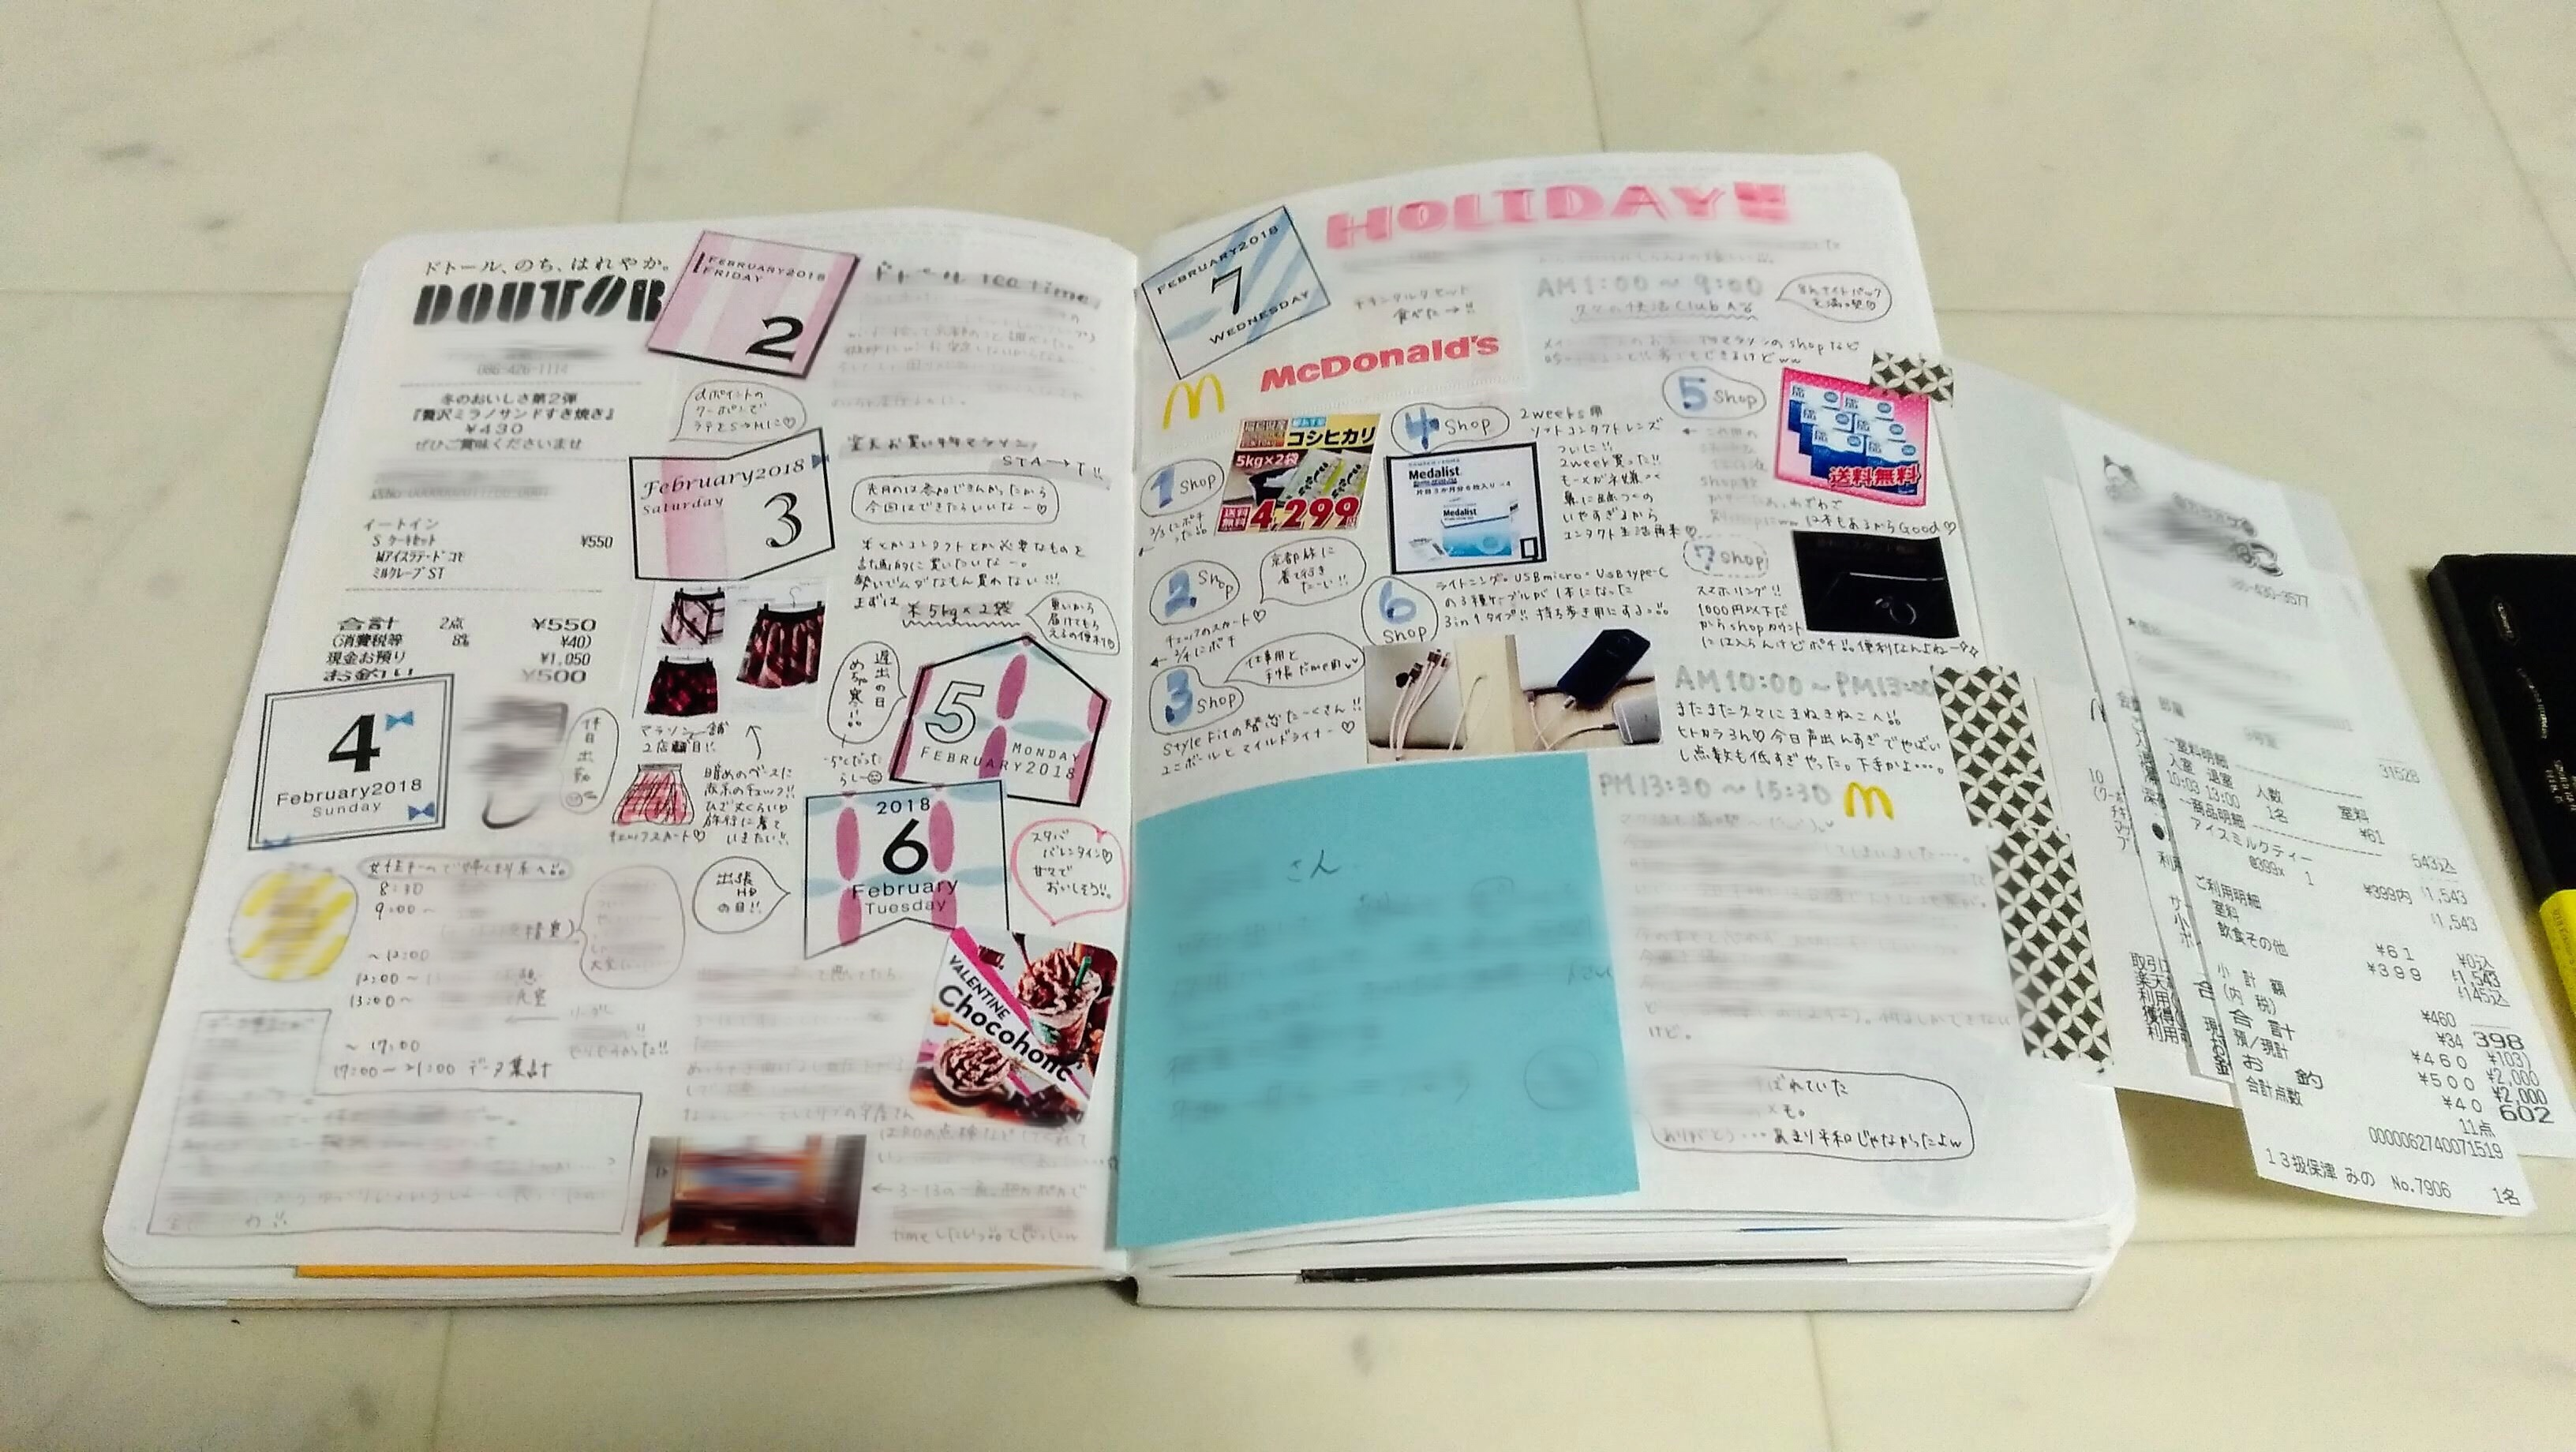 2019年│7冊の手帳・ノート達と共に♡それぞれの使い方を紹介【後編】